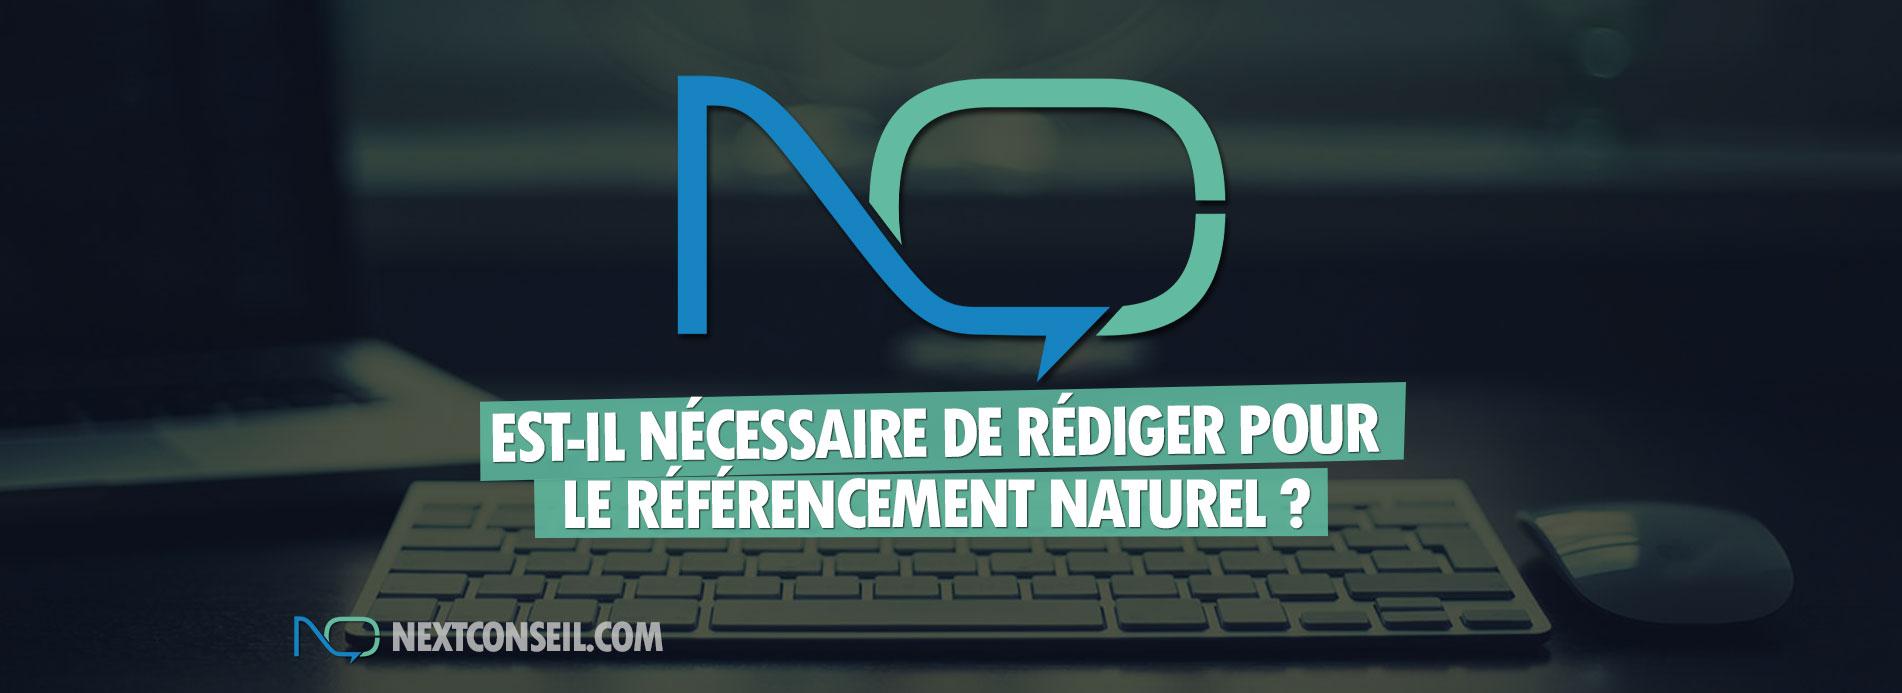 Est-il nécessaire de rédiger pour le référencement naturel ?